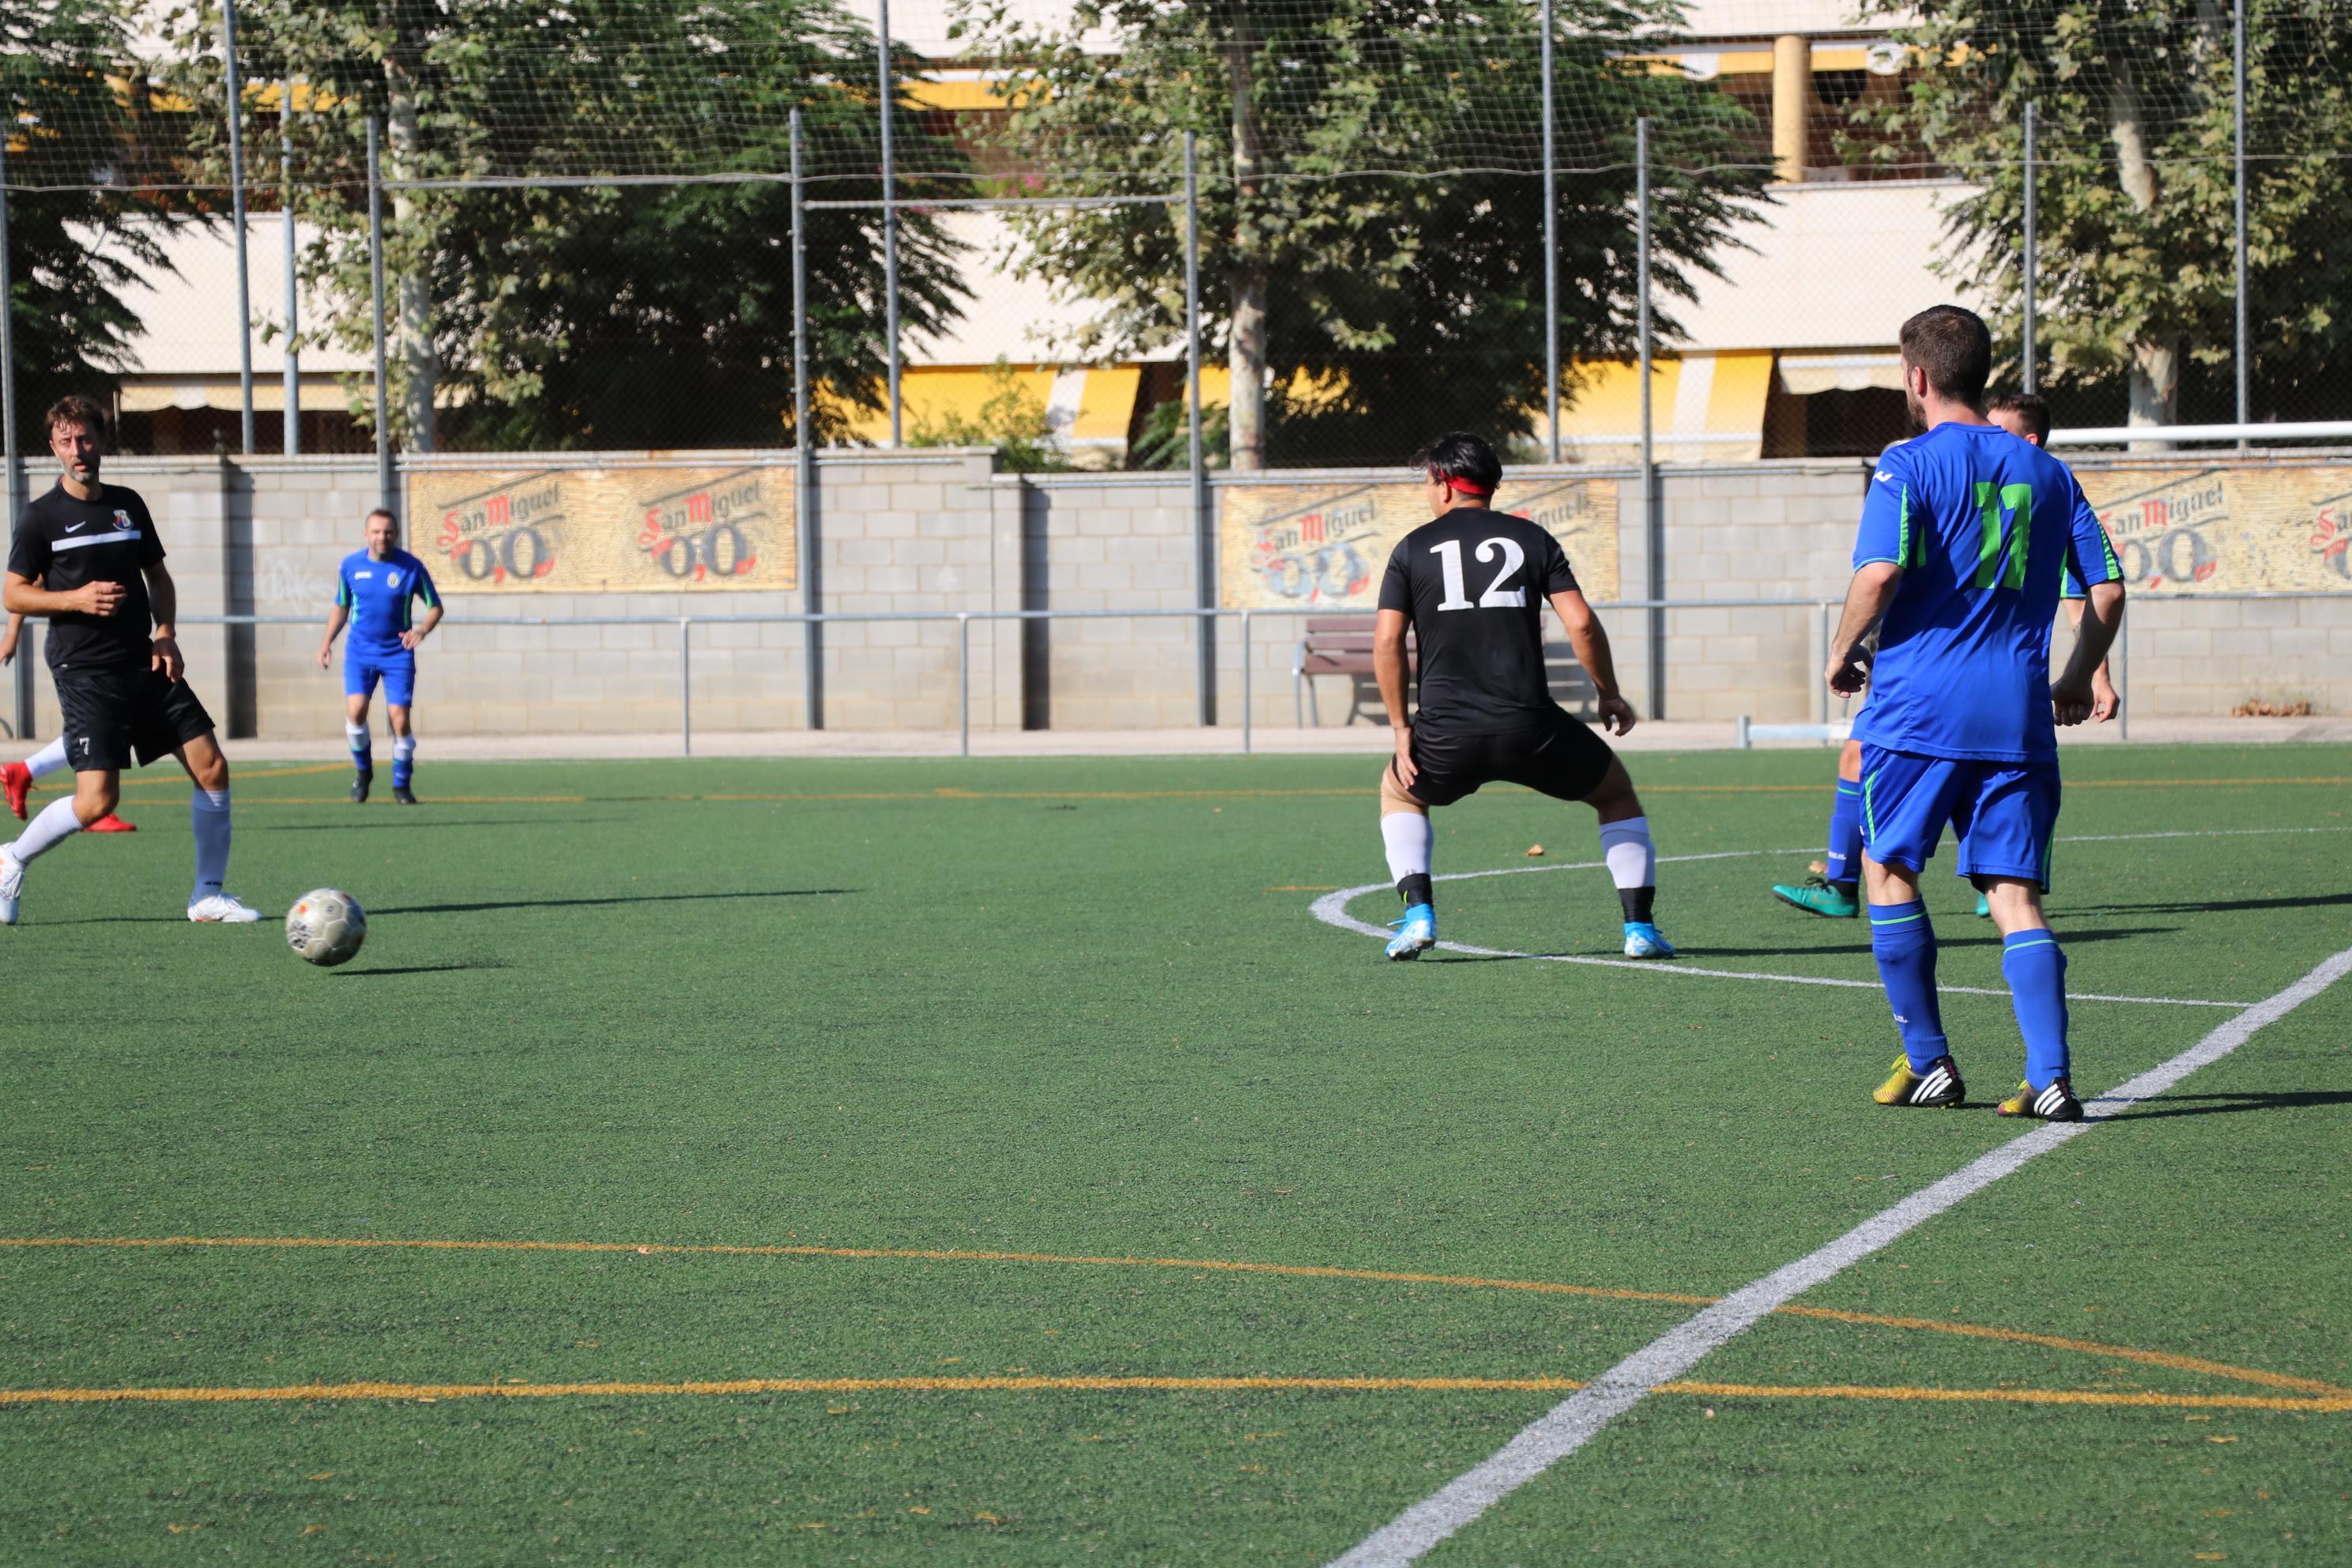 Cinquena derrota del CD Viejas Glorias després de perdre contra el Llefià (3-1)